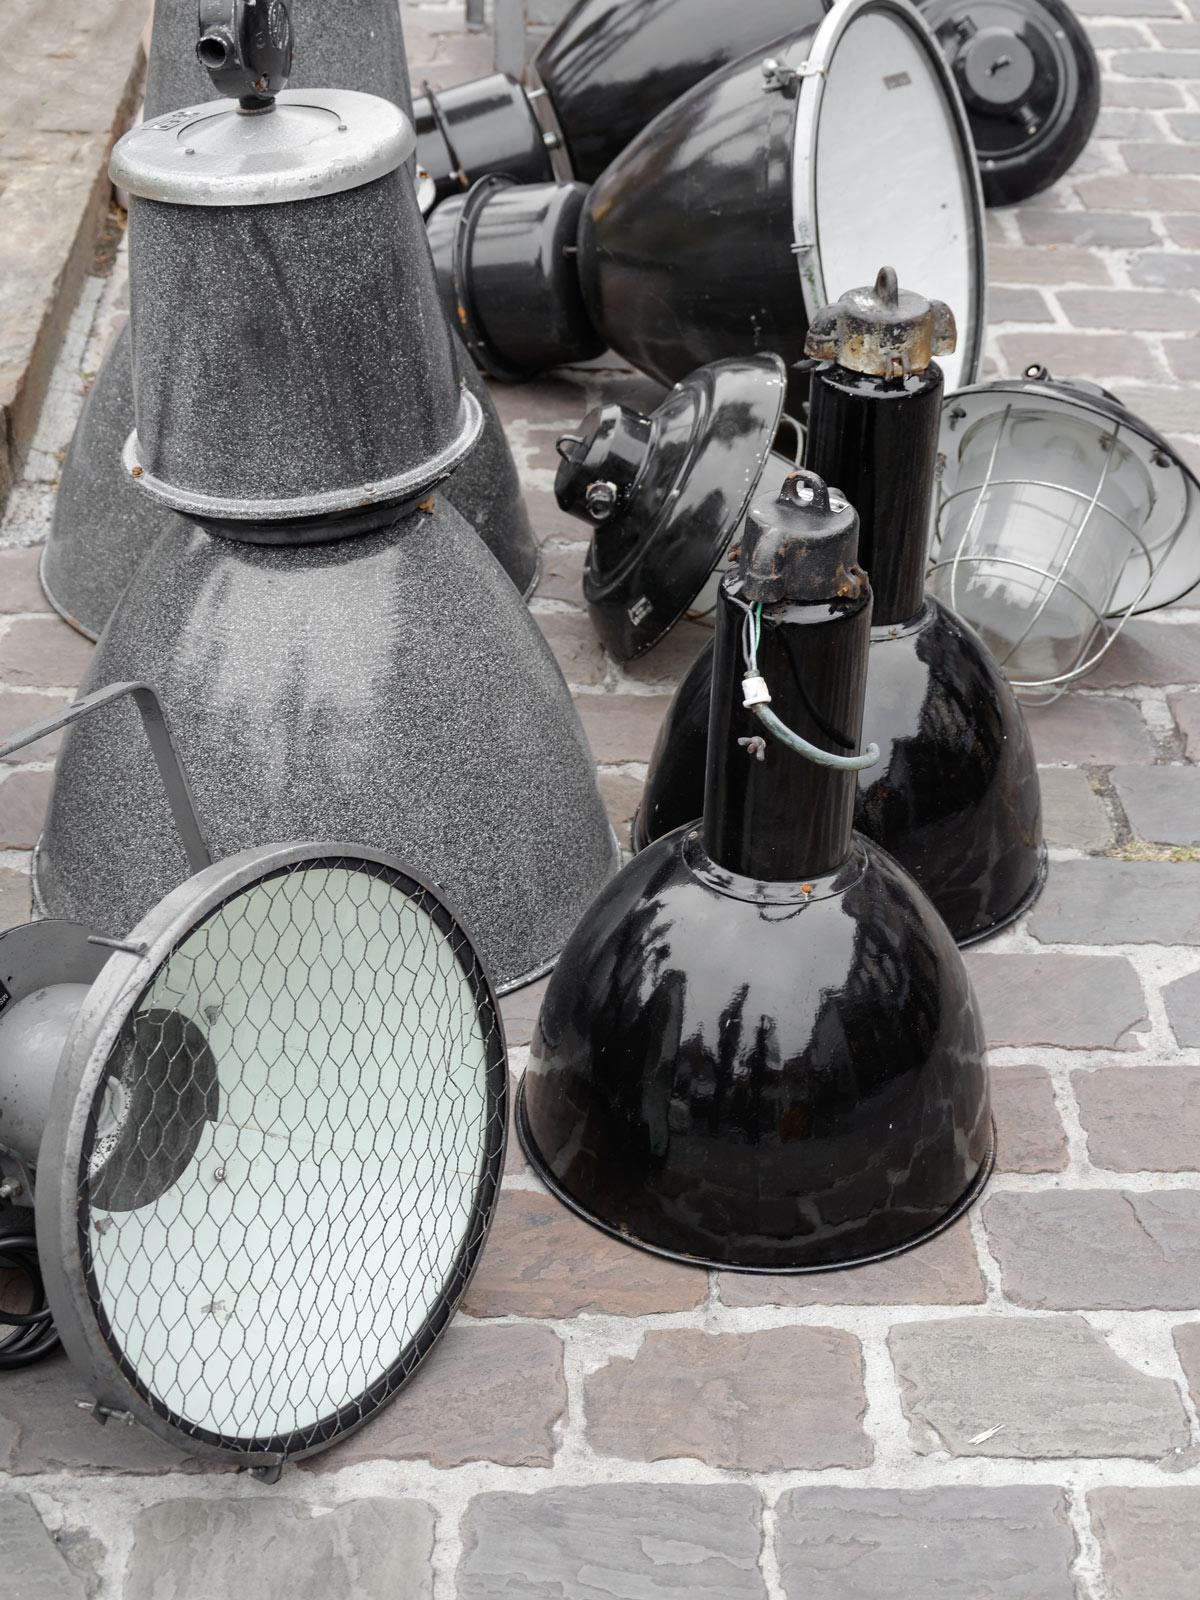 sonntagsausflug nach tongeren der gr te flohmarkt belgiens mxliving. Black Bedroom Furniture Sets. Home Design Ideas